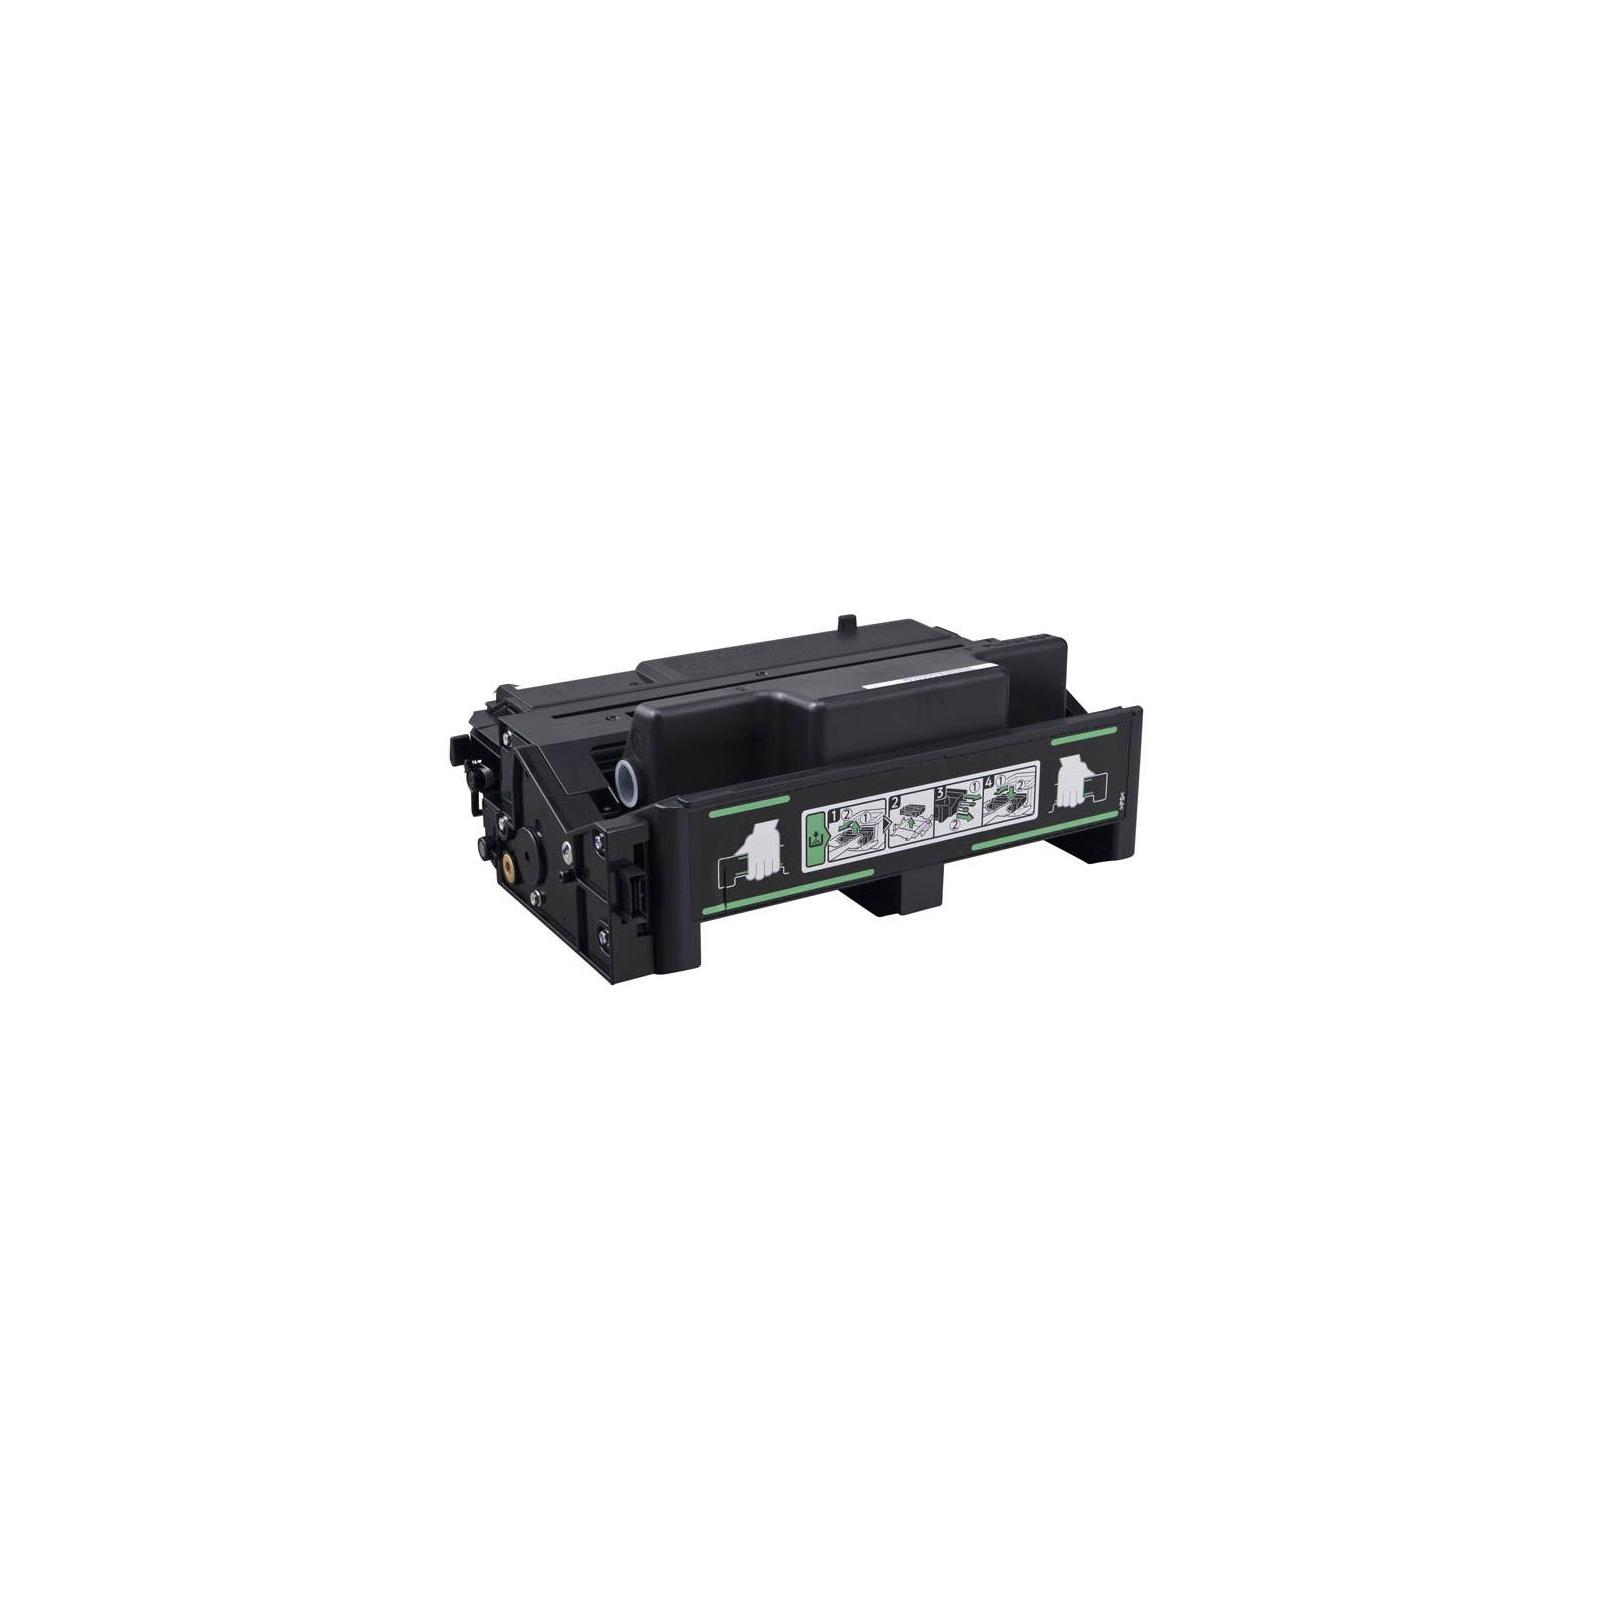 Тонер-картридж Ricoh SP4100/SP4110/SP4210/SP4310 Black 15К (407007/407008/407649) изображение 2